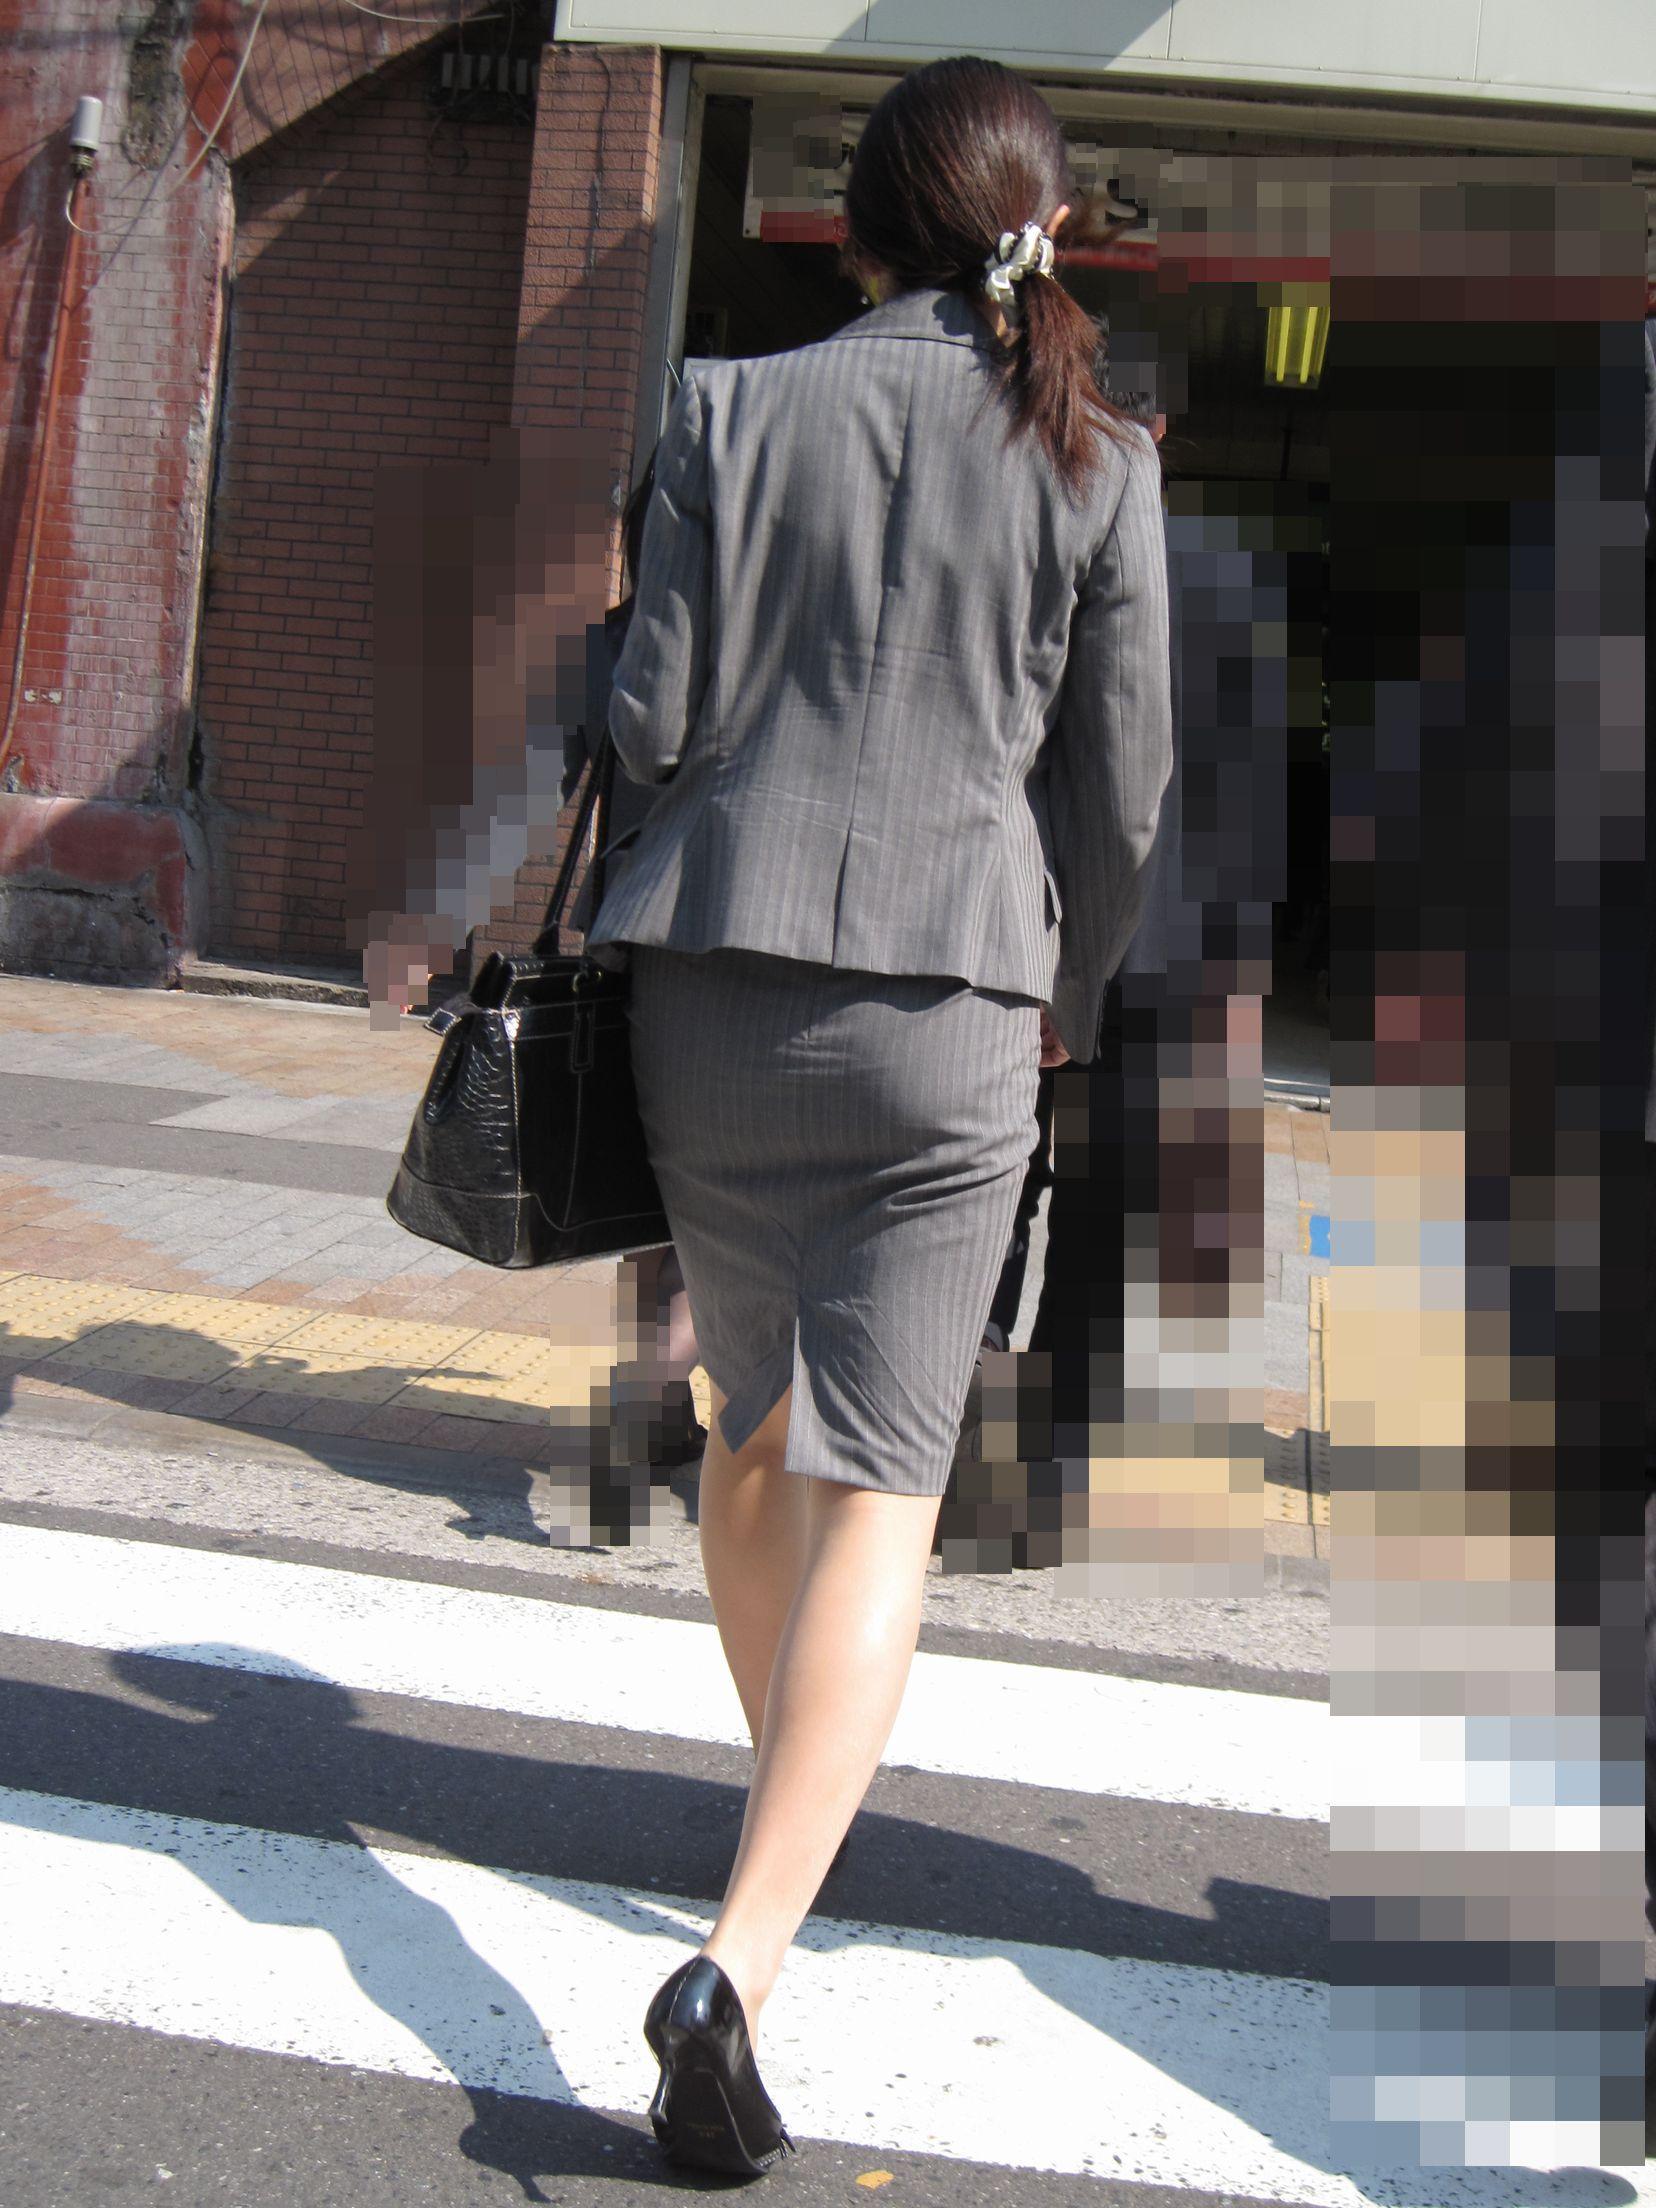 【街撮りOL画像】思わず追跡したwwwタイトスカートに包まれたムチムチ尻 18